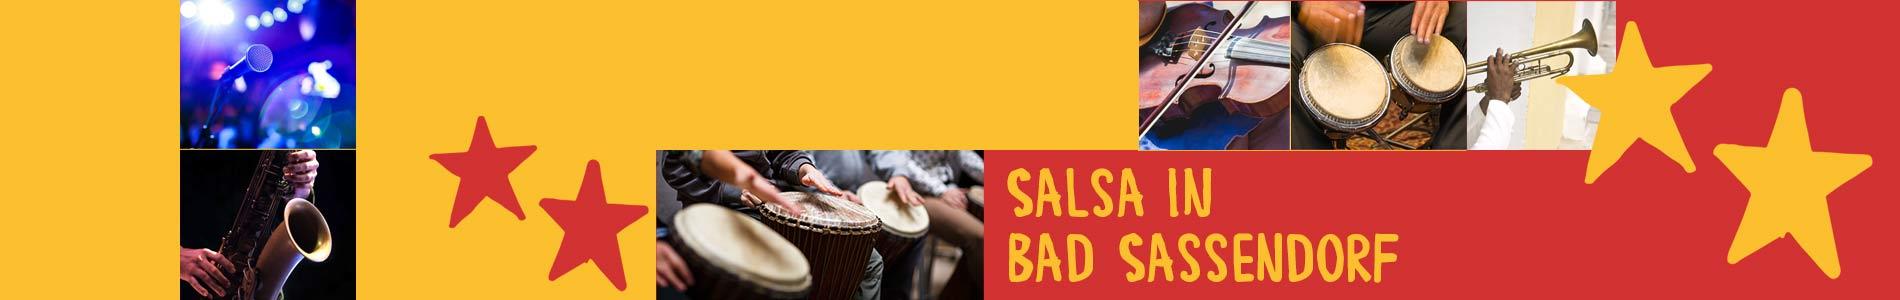 Salsa in Bad Sassendorf – Salsa lernen und tanzen, Tanzkurse, Partys, Veranstaltungen